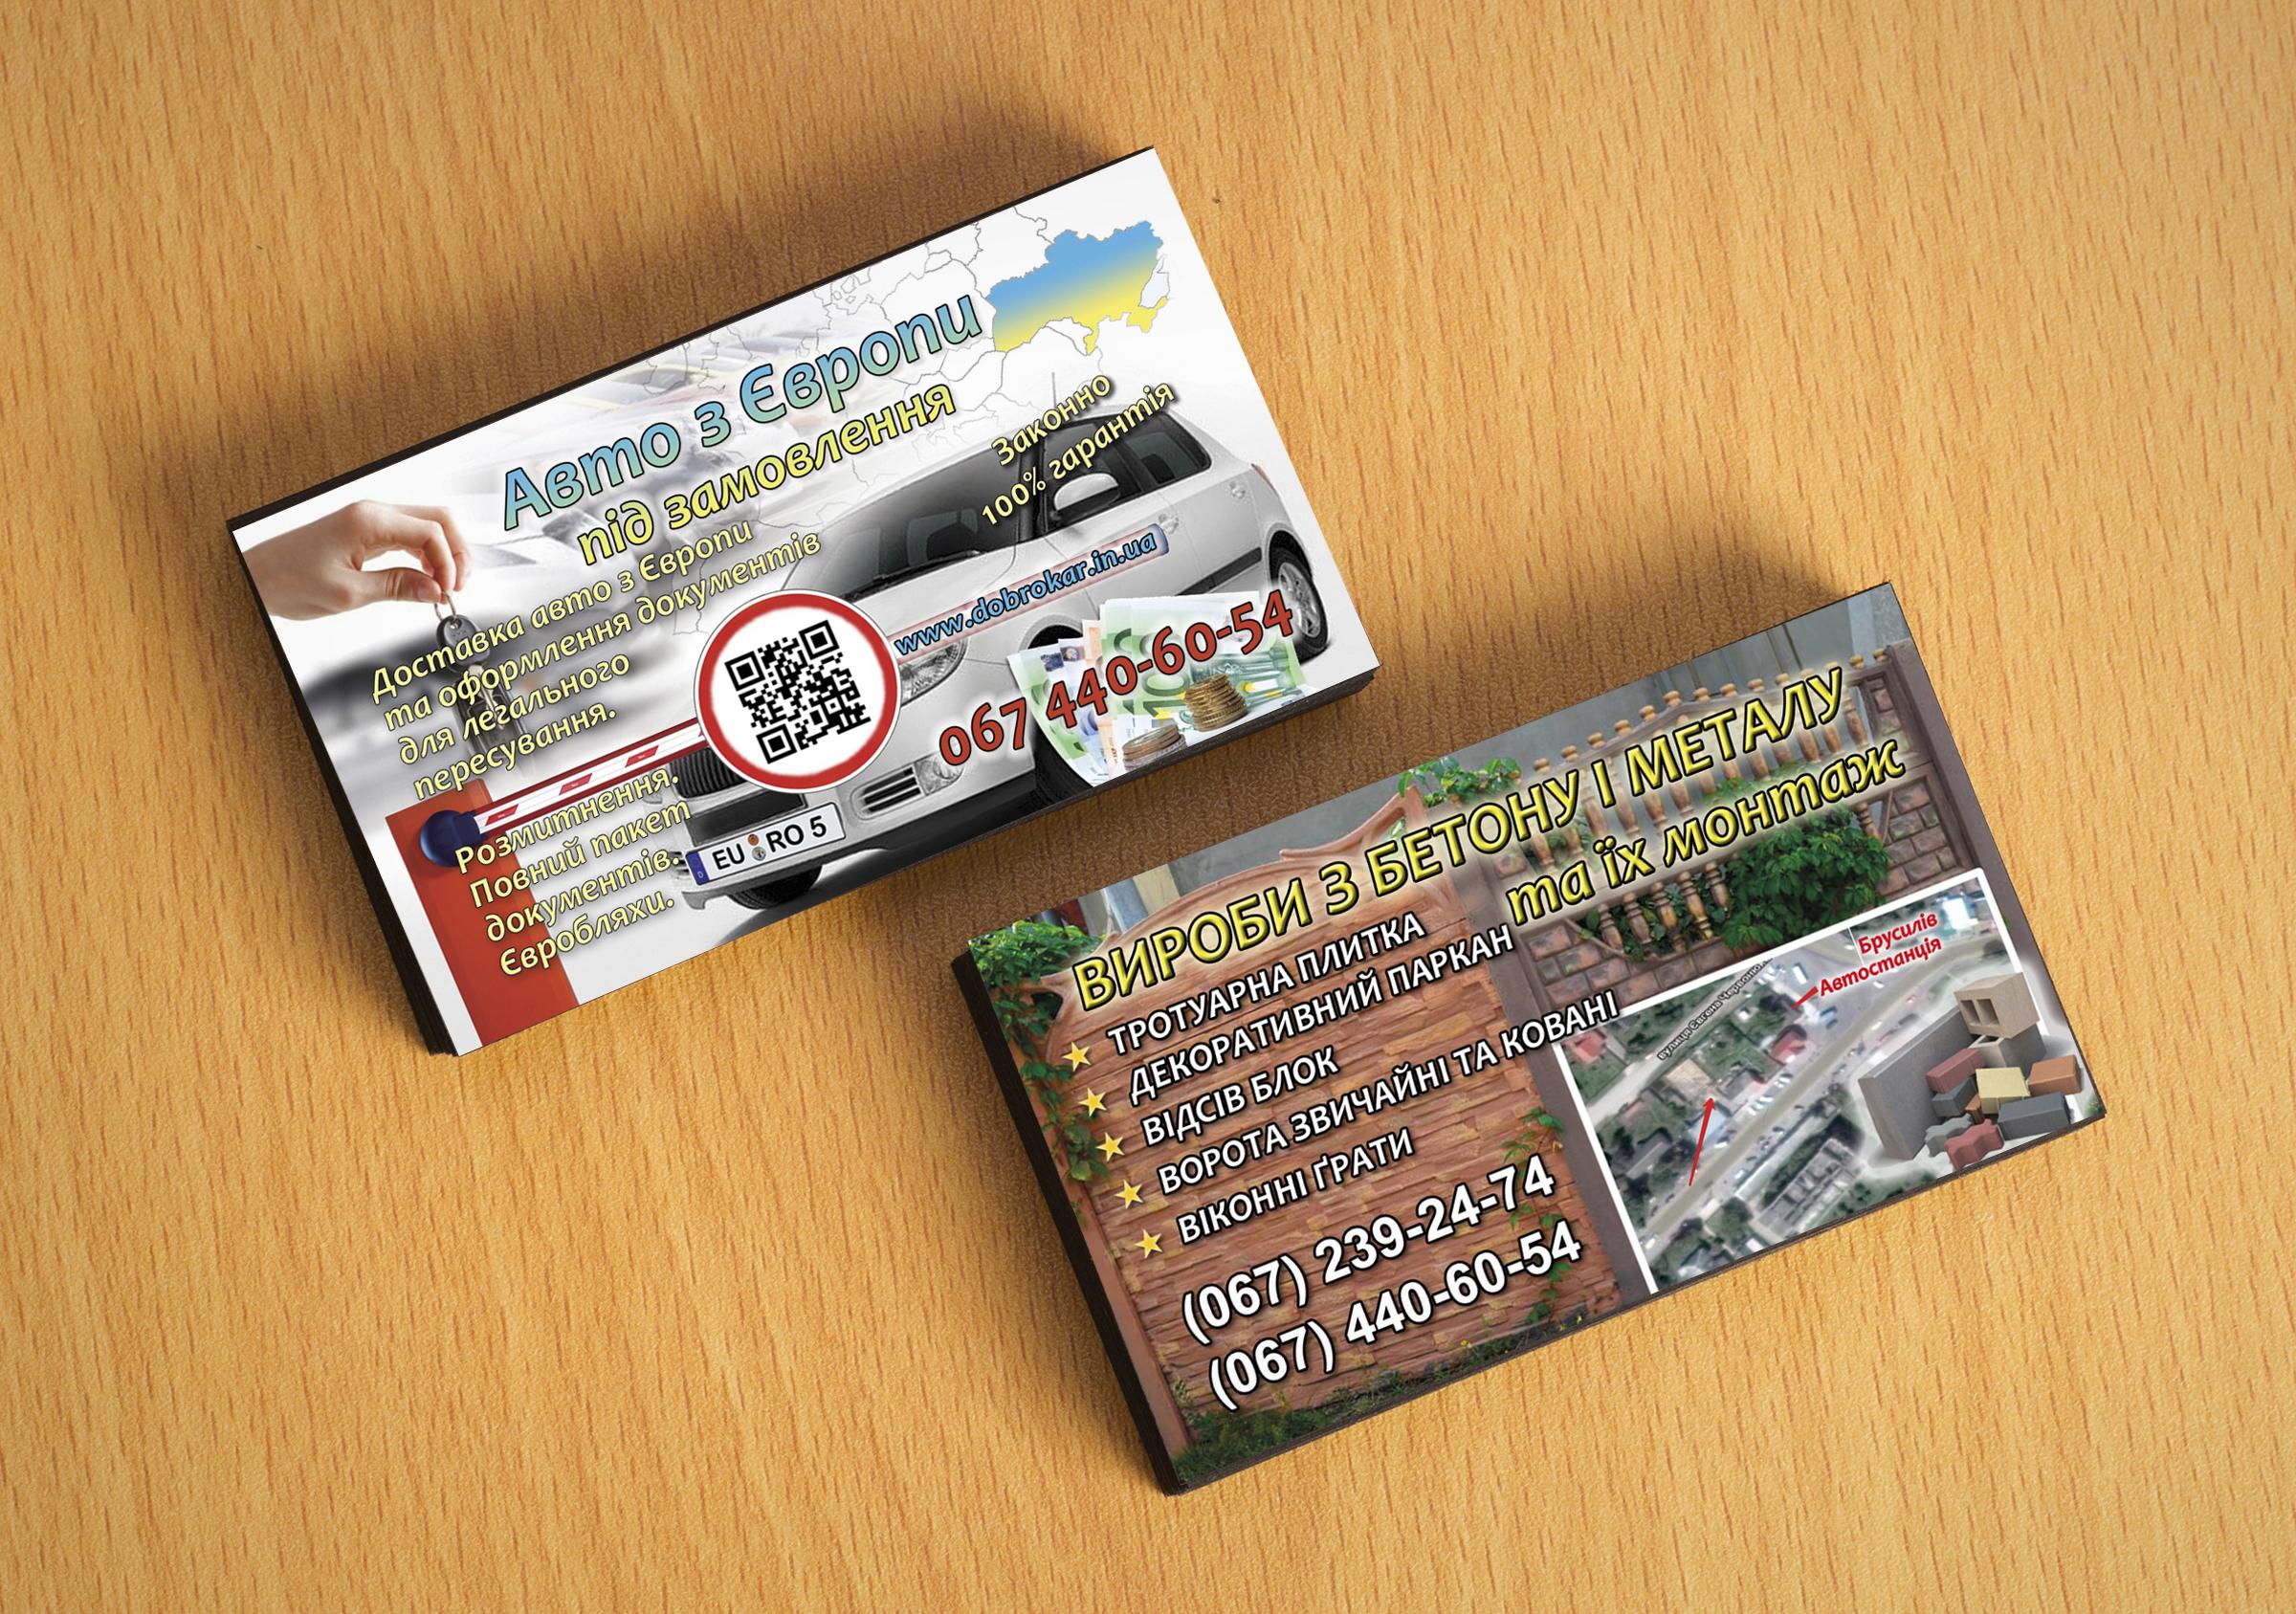 Розробка і виготовлення візитівок + відеовізитка. Приклад Авто з Європи під замовлення для легального пересування Україною